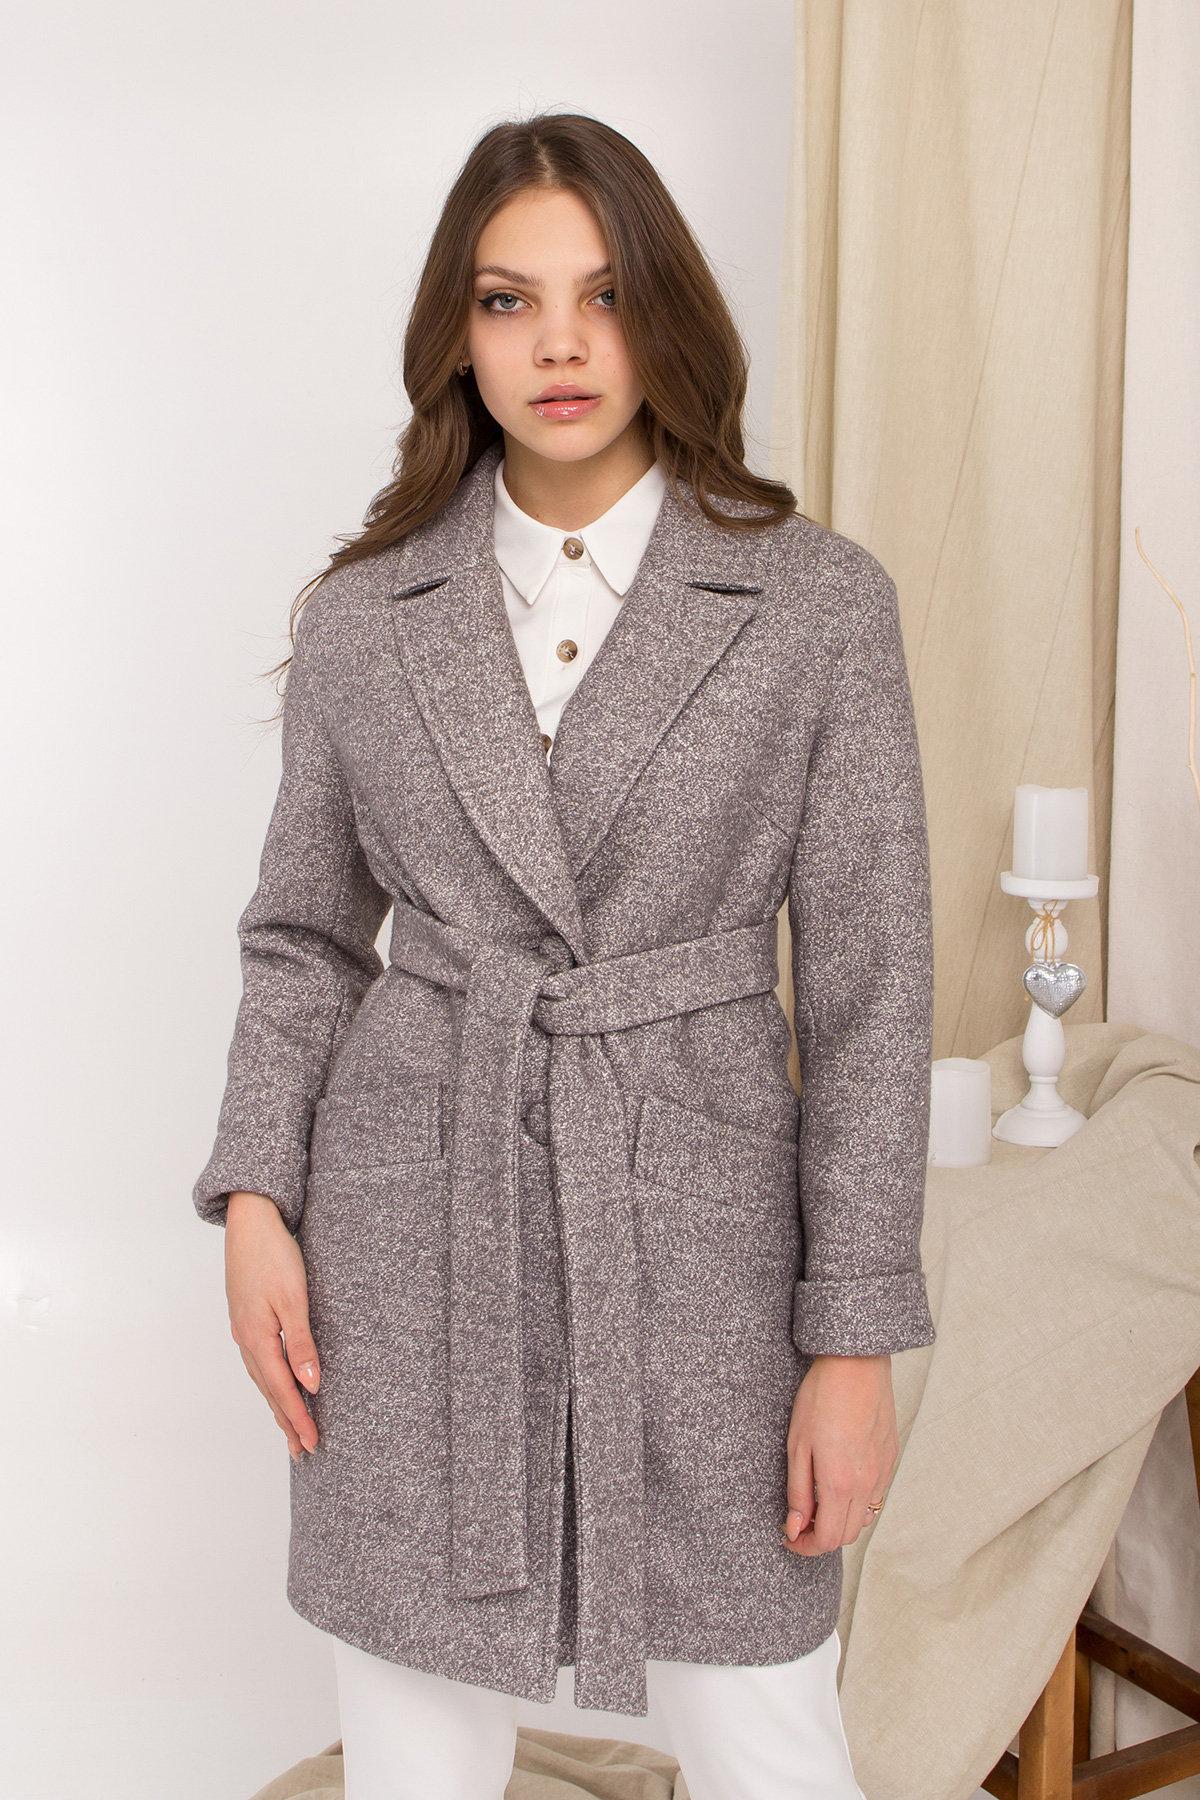 Пальто Вейсона 9042 АРТ. 45364 Цвет: Серый Светлый 20 - фото 4, интернет магазин tm-modus.ru